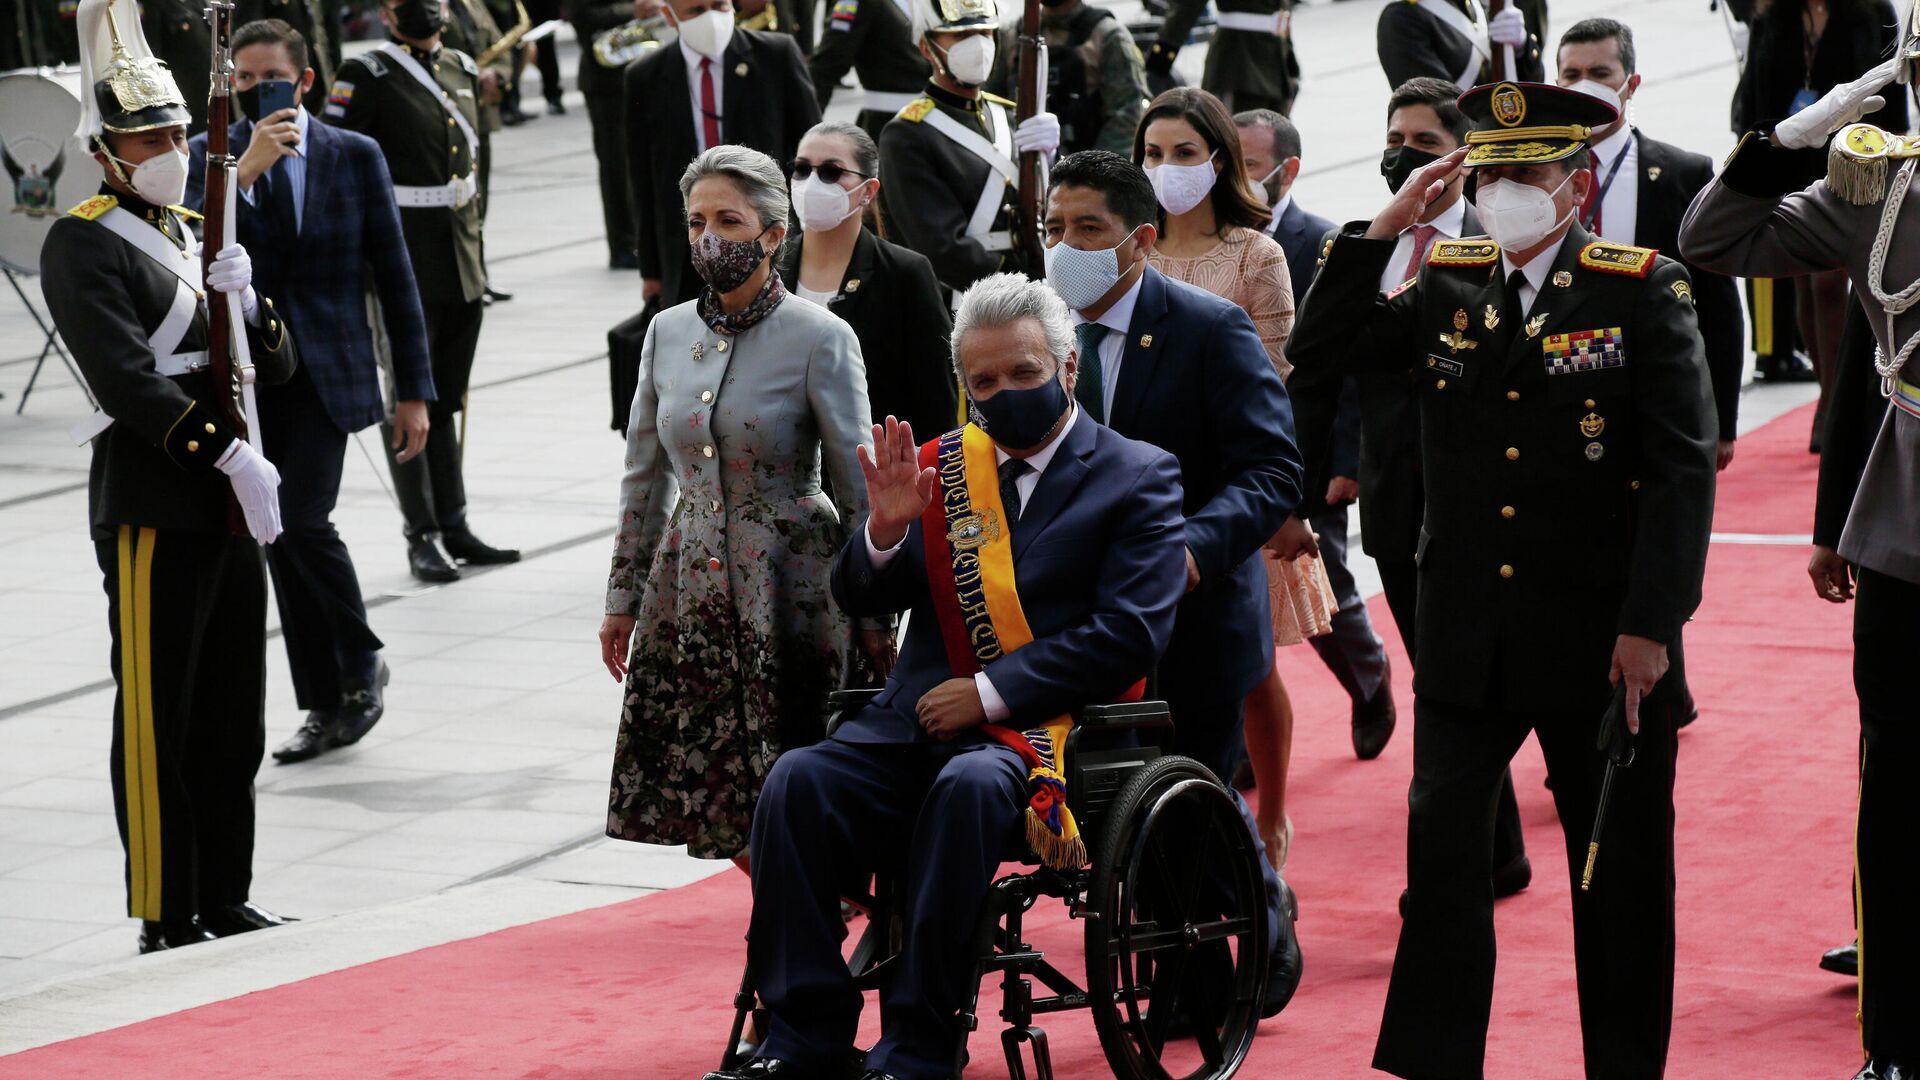 El presidente de Ecuador Lenín Moreno arribando a la ceremonia de asunción de su sucesor Guillermo Lasso - Sputnik Mundo, 1920, 24.05.2021